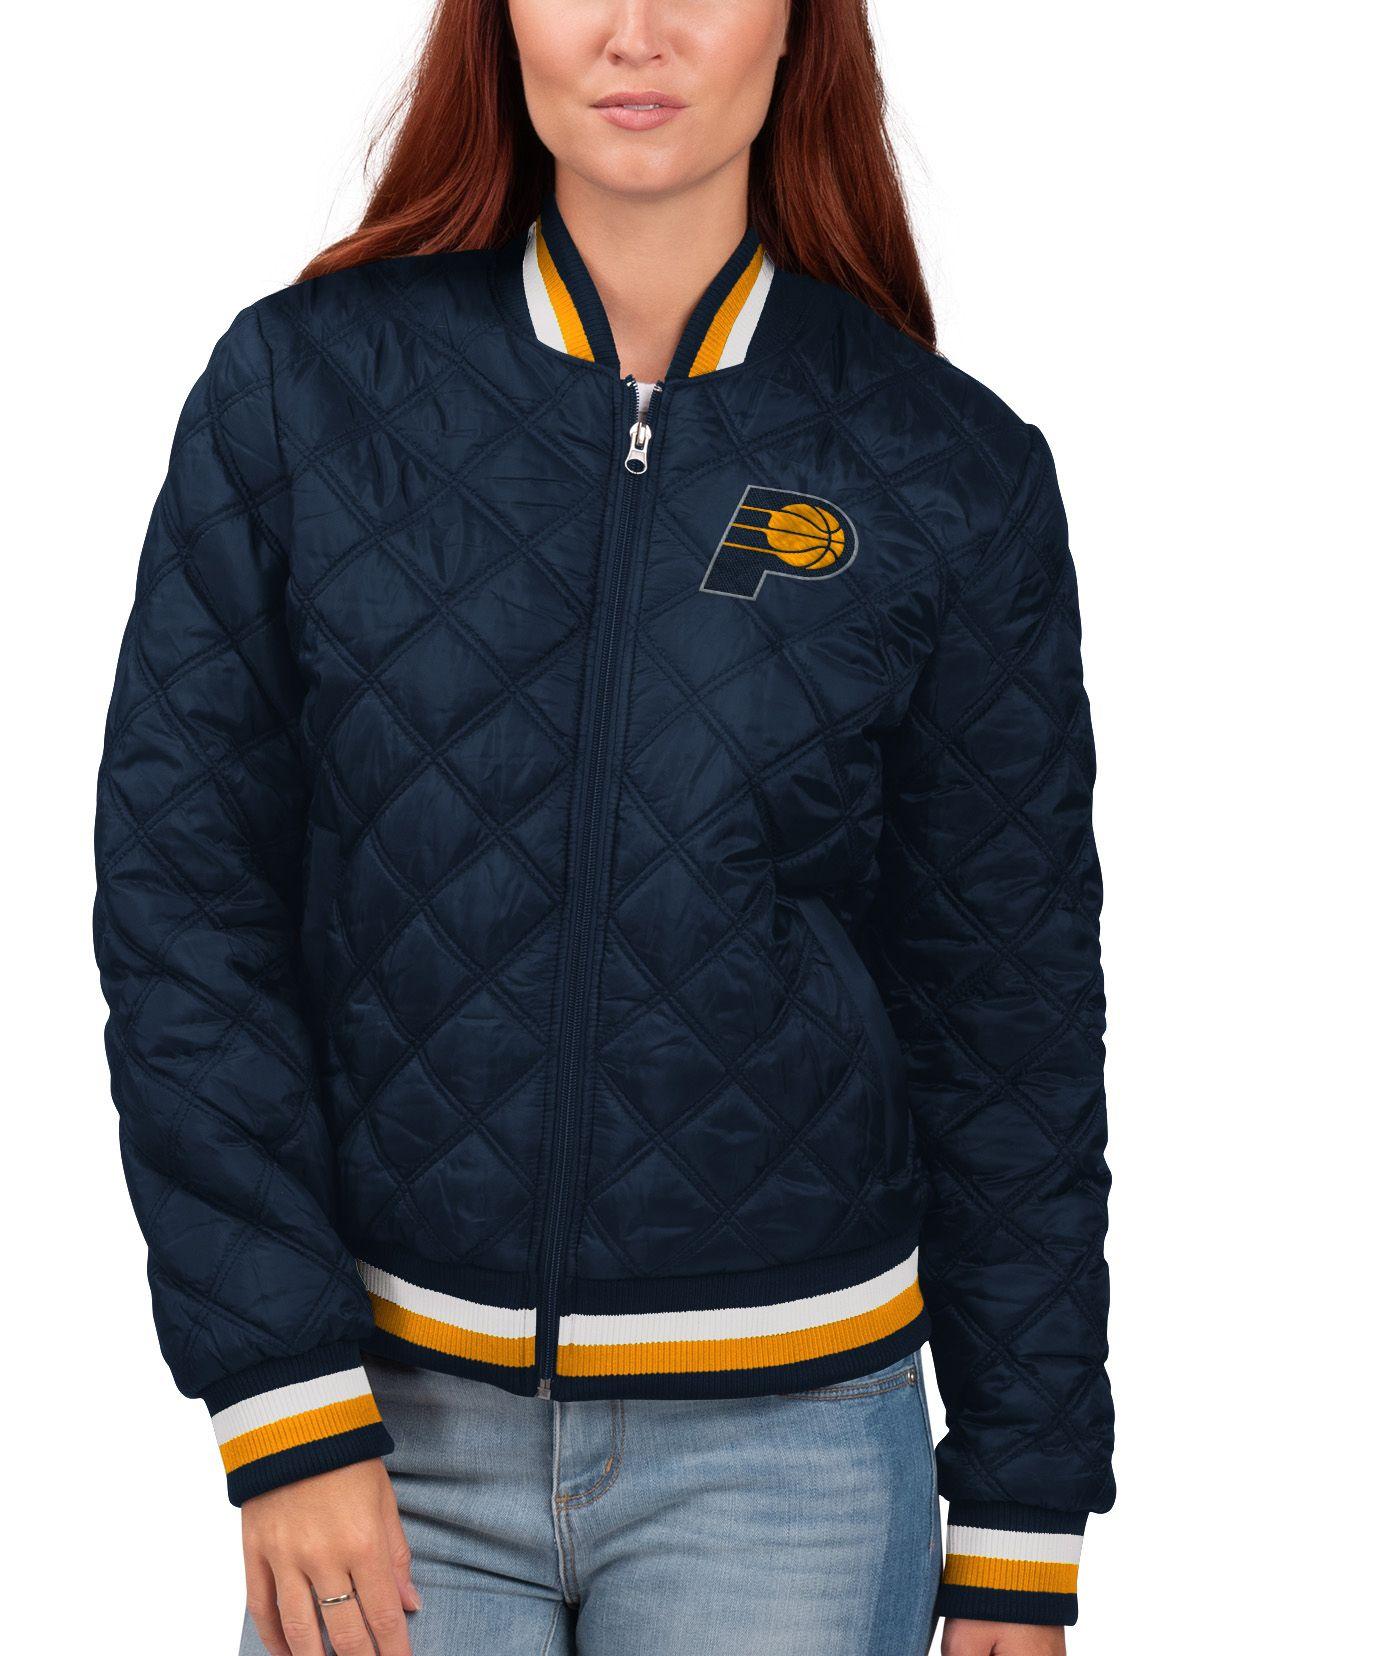 Starter Women's Indiana Pacers Full-Zip Jacket